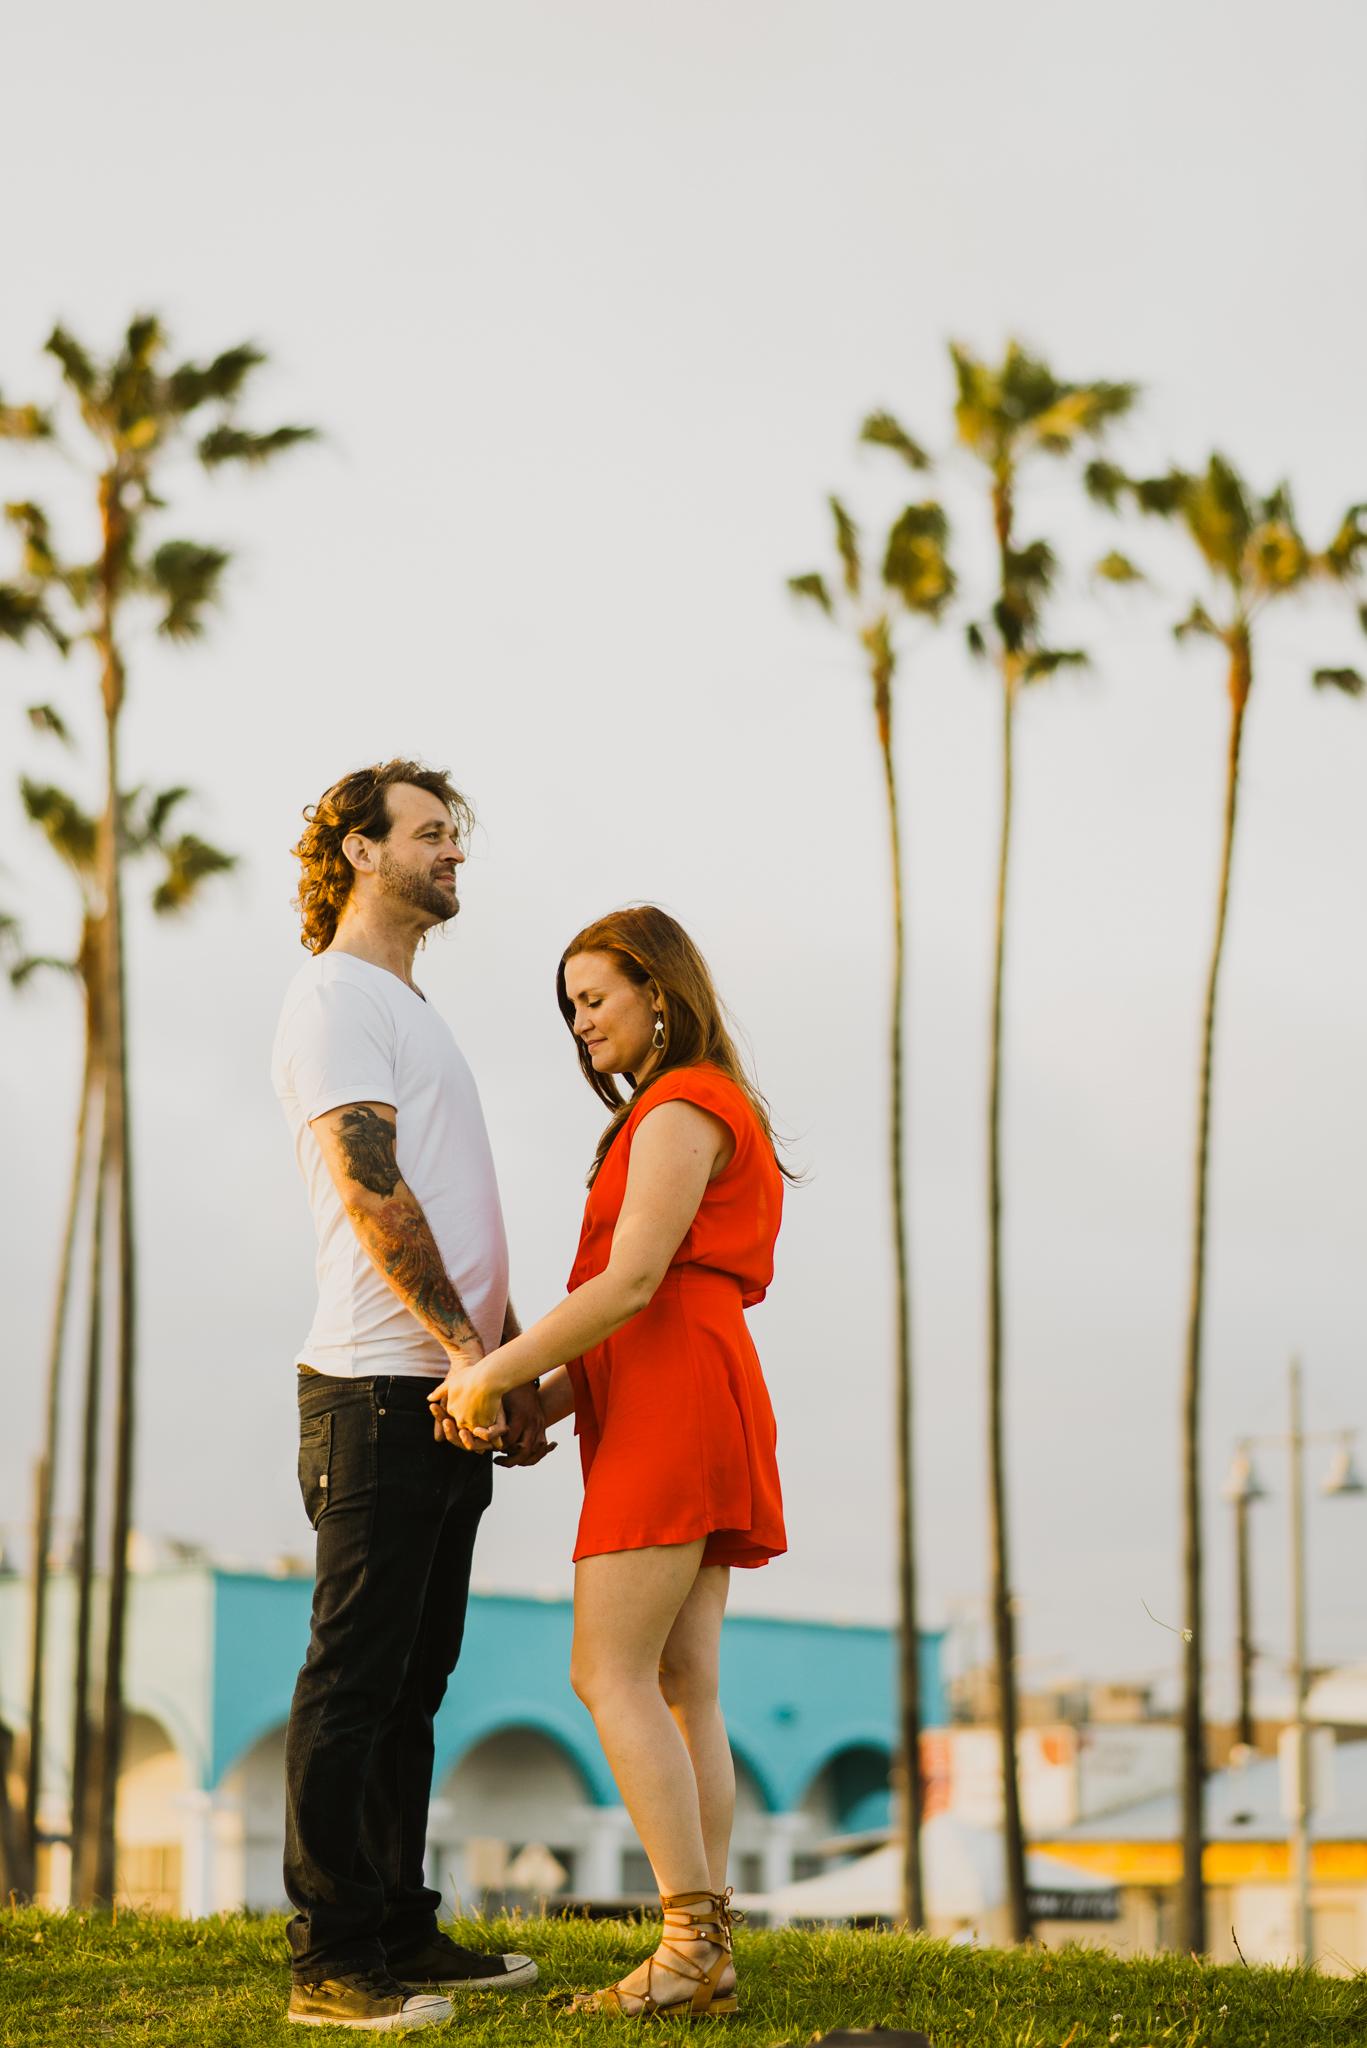 ©Isaiah & Taylor Photography  - Los Angeles Wedding Photographer - Venice Beach-46.jpg